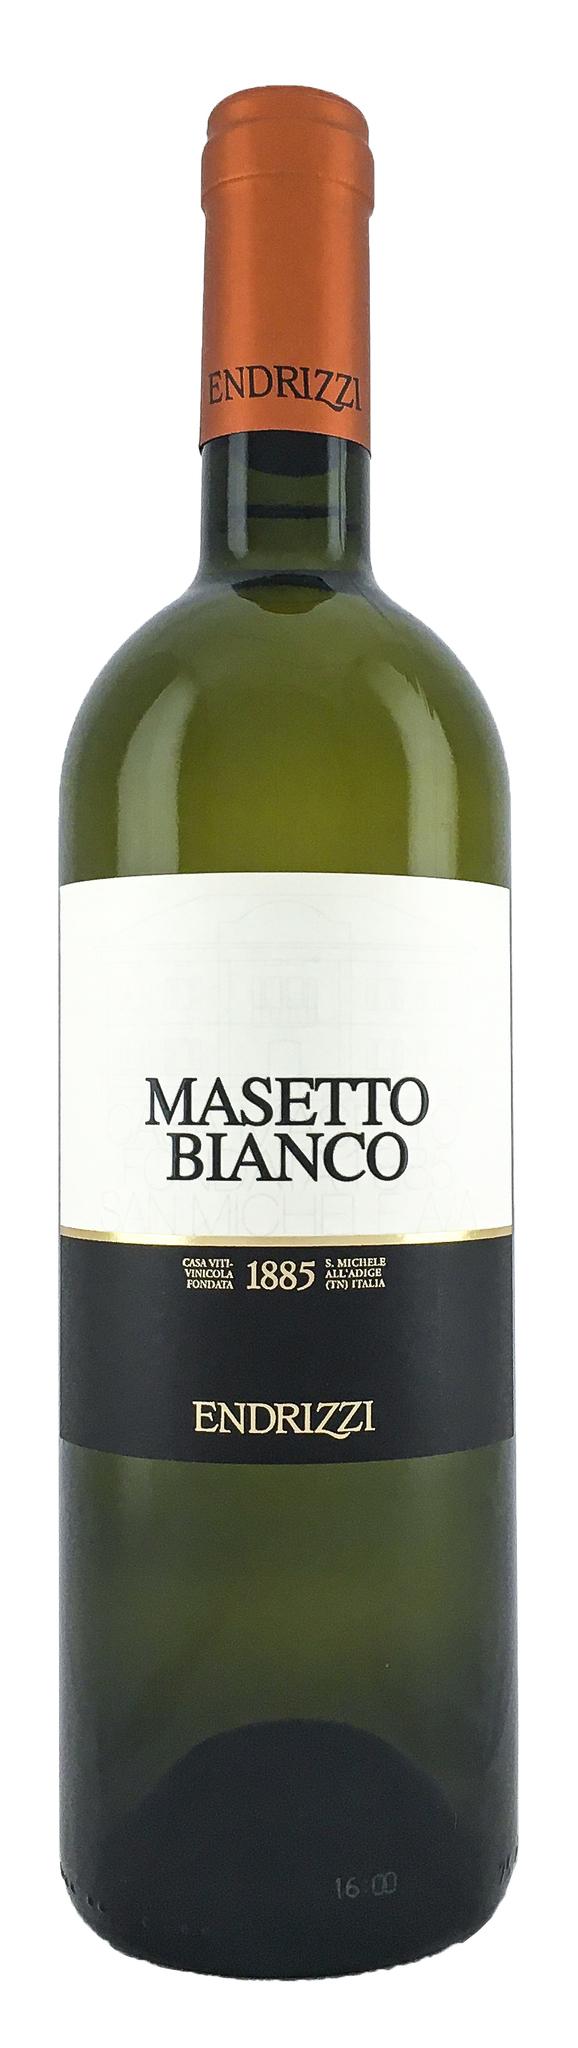 Вино Мазетто Бианко виноград. белых доломит.альп сухое белое з.г.у.рег.Трентино Италия кат.IGP 0,75л